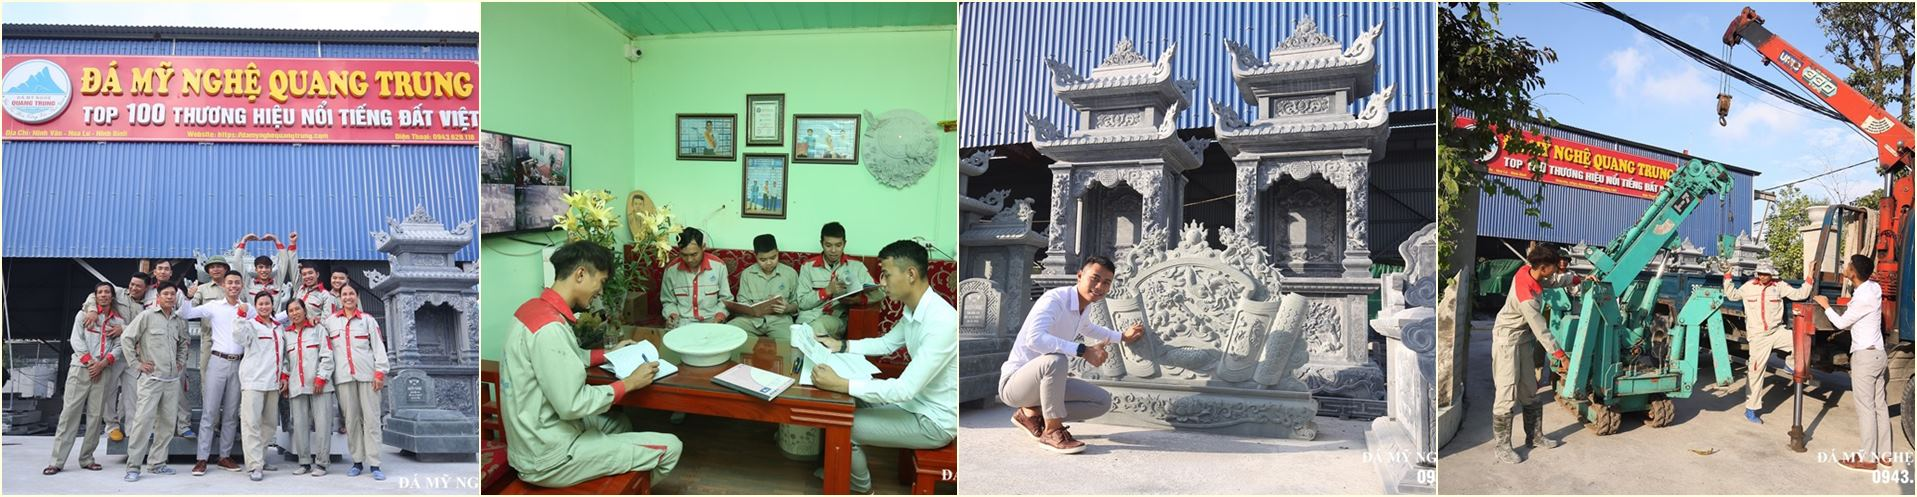 Da my nghe Quang Trung - Gia tri ben vung voi thoi gian - Ninh Binh